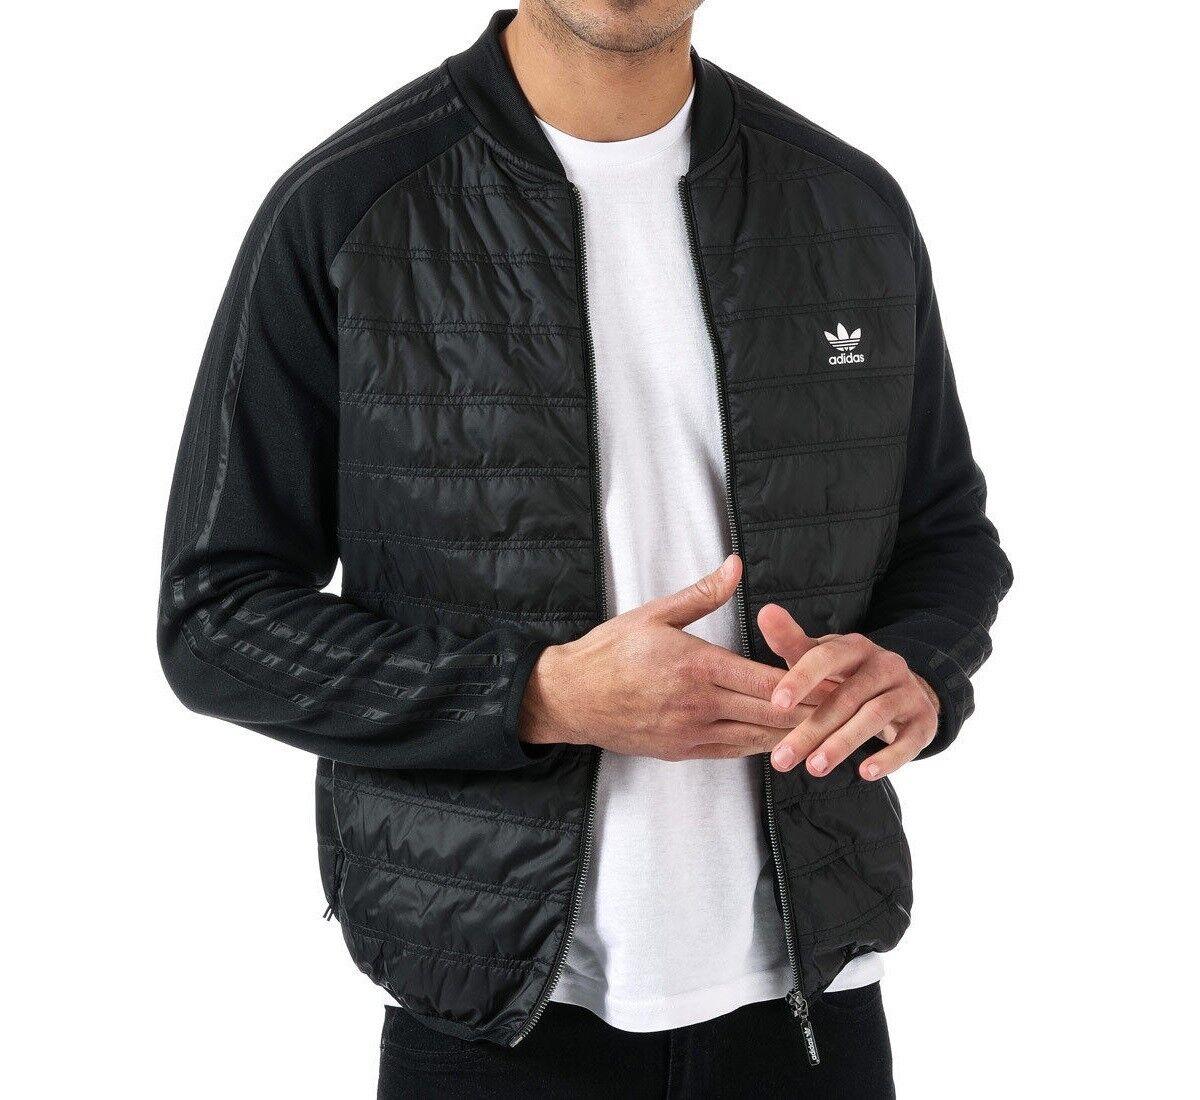 Originals Veste Adidas Nouveau Homme Classique Superstar Matelassée 6P5pwtq